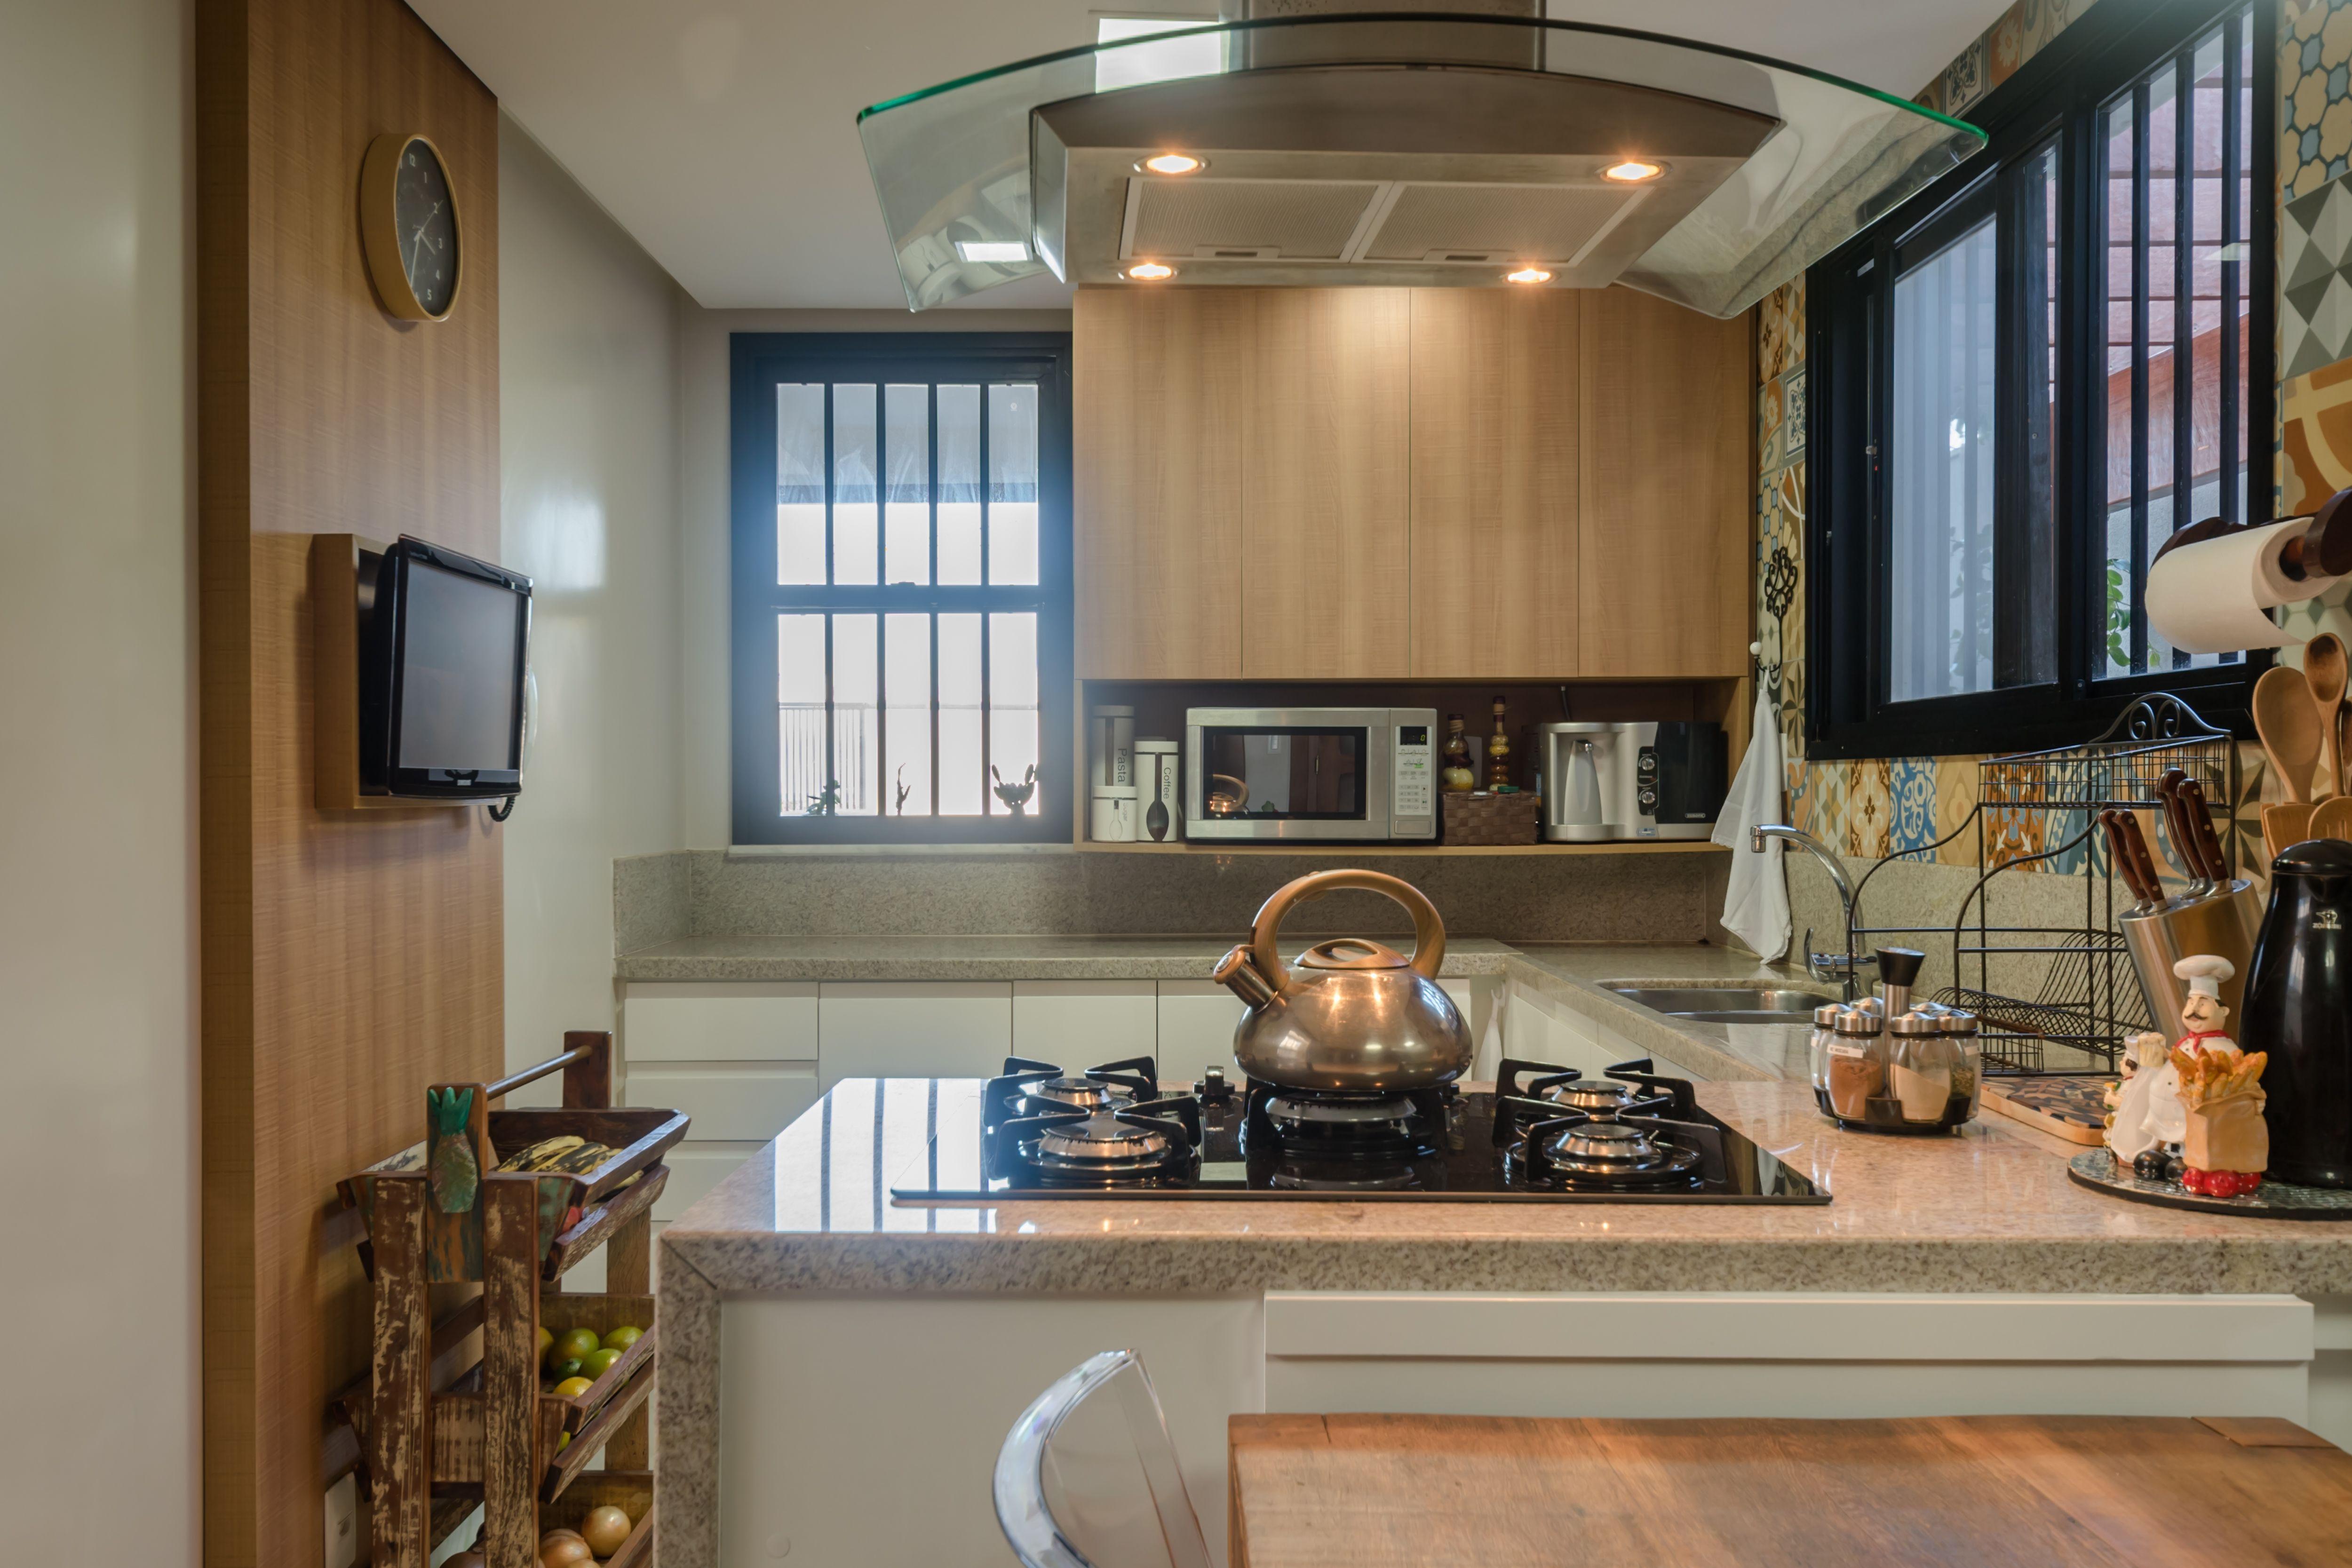 Cozinha R Stica Com Ladrilhos Hidr Ulicos E Madeira Cadeiras